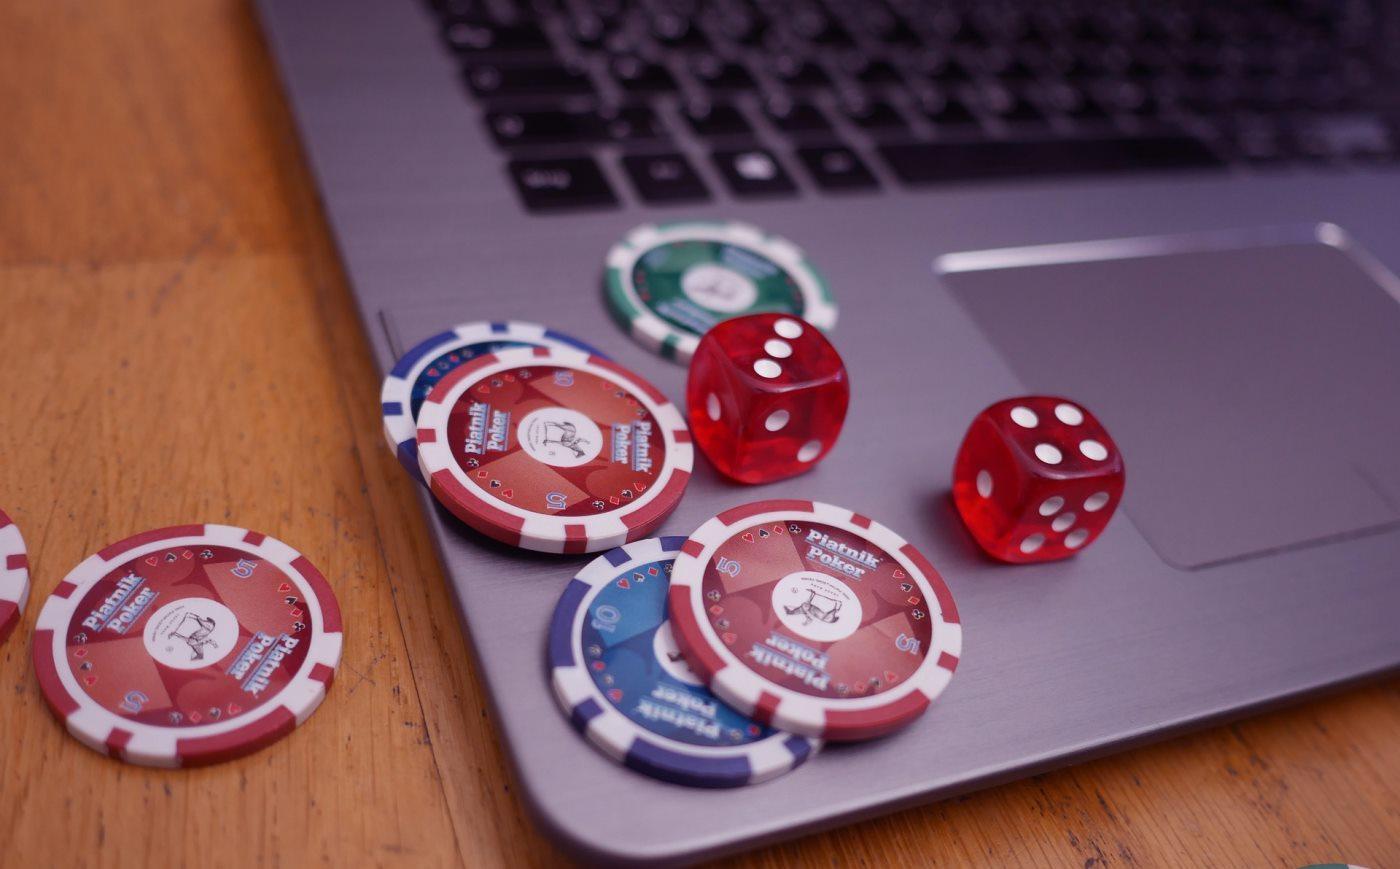 Wie verdienen Online-Casinos eigentlich Geld?